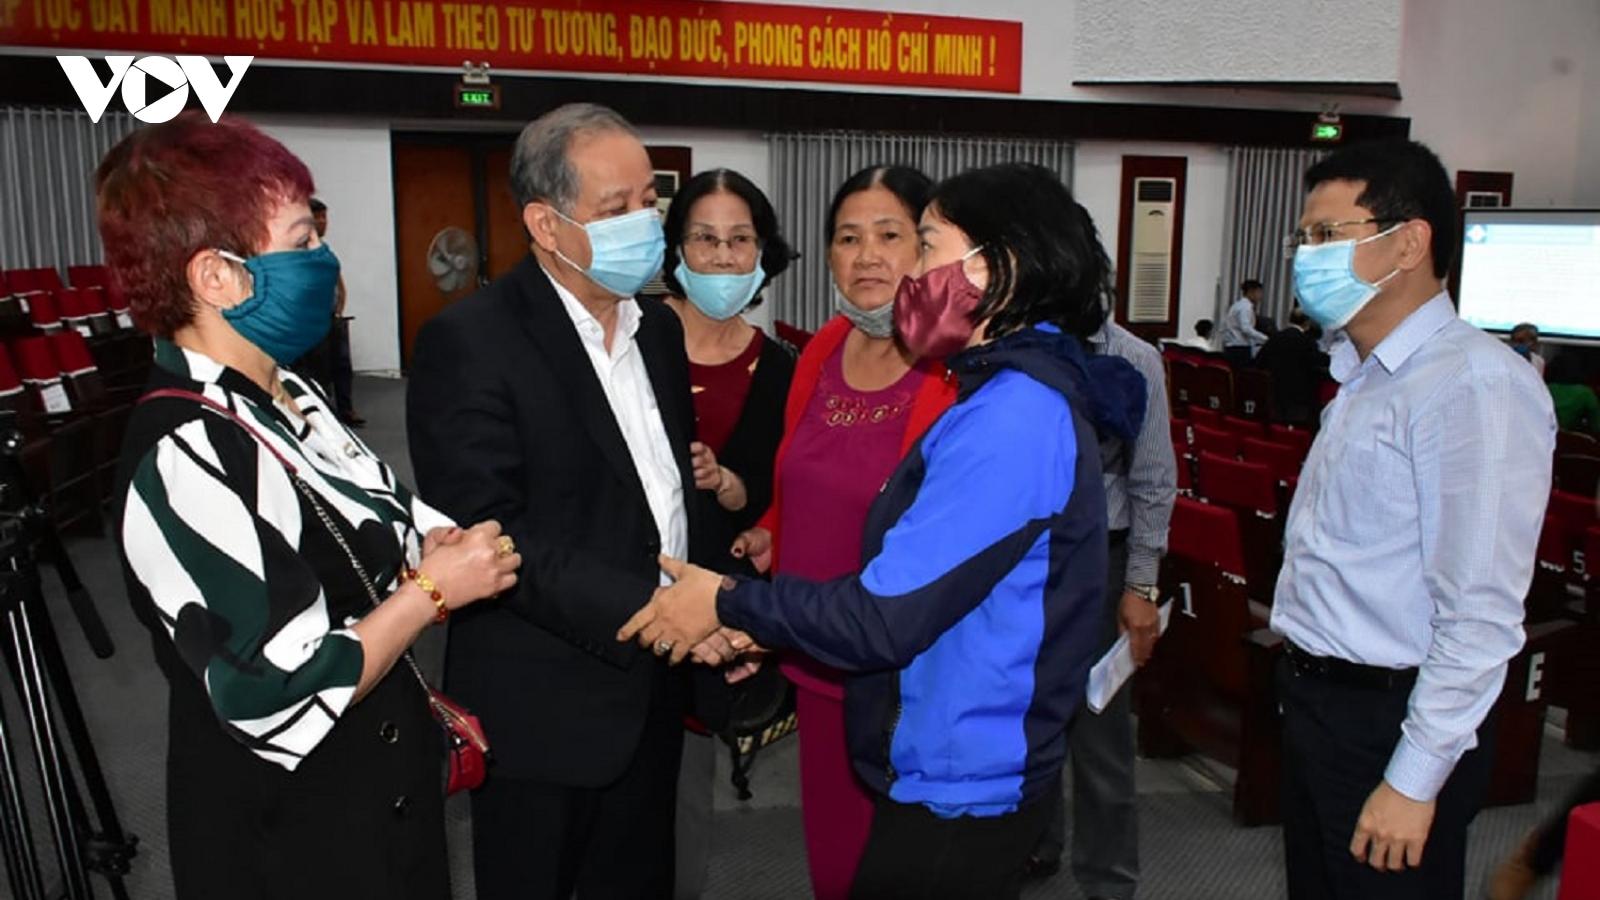 Chủ tịch UBND tỉnh Thừa Thiên Huế đối thoại với dân Thượng Thành